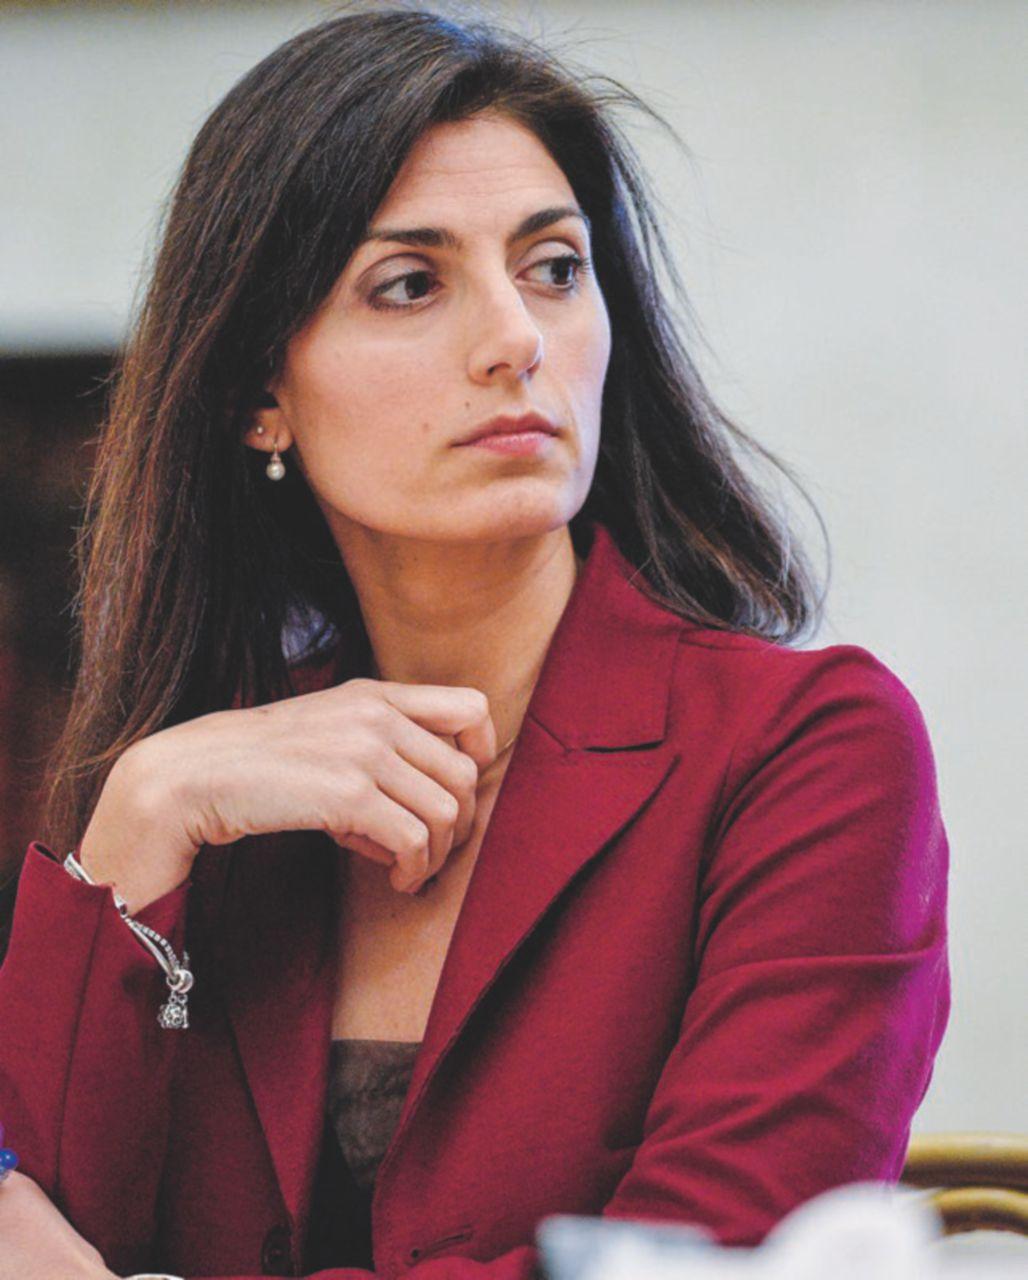 Disputa Raggi-Calenda su 'superpoteri per Roma'. Ministro: 'Manco gli Avengers'